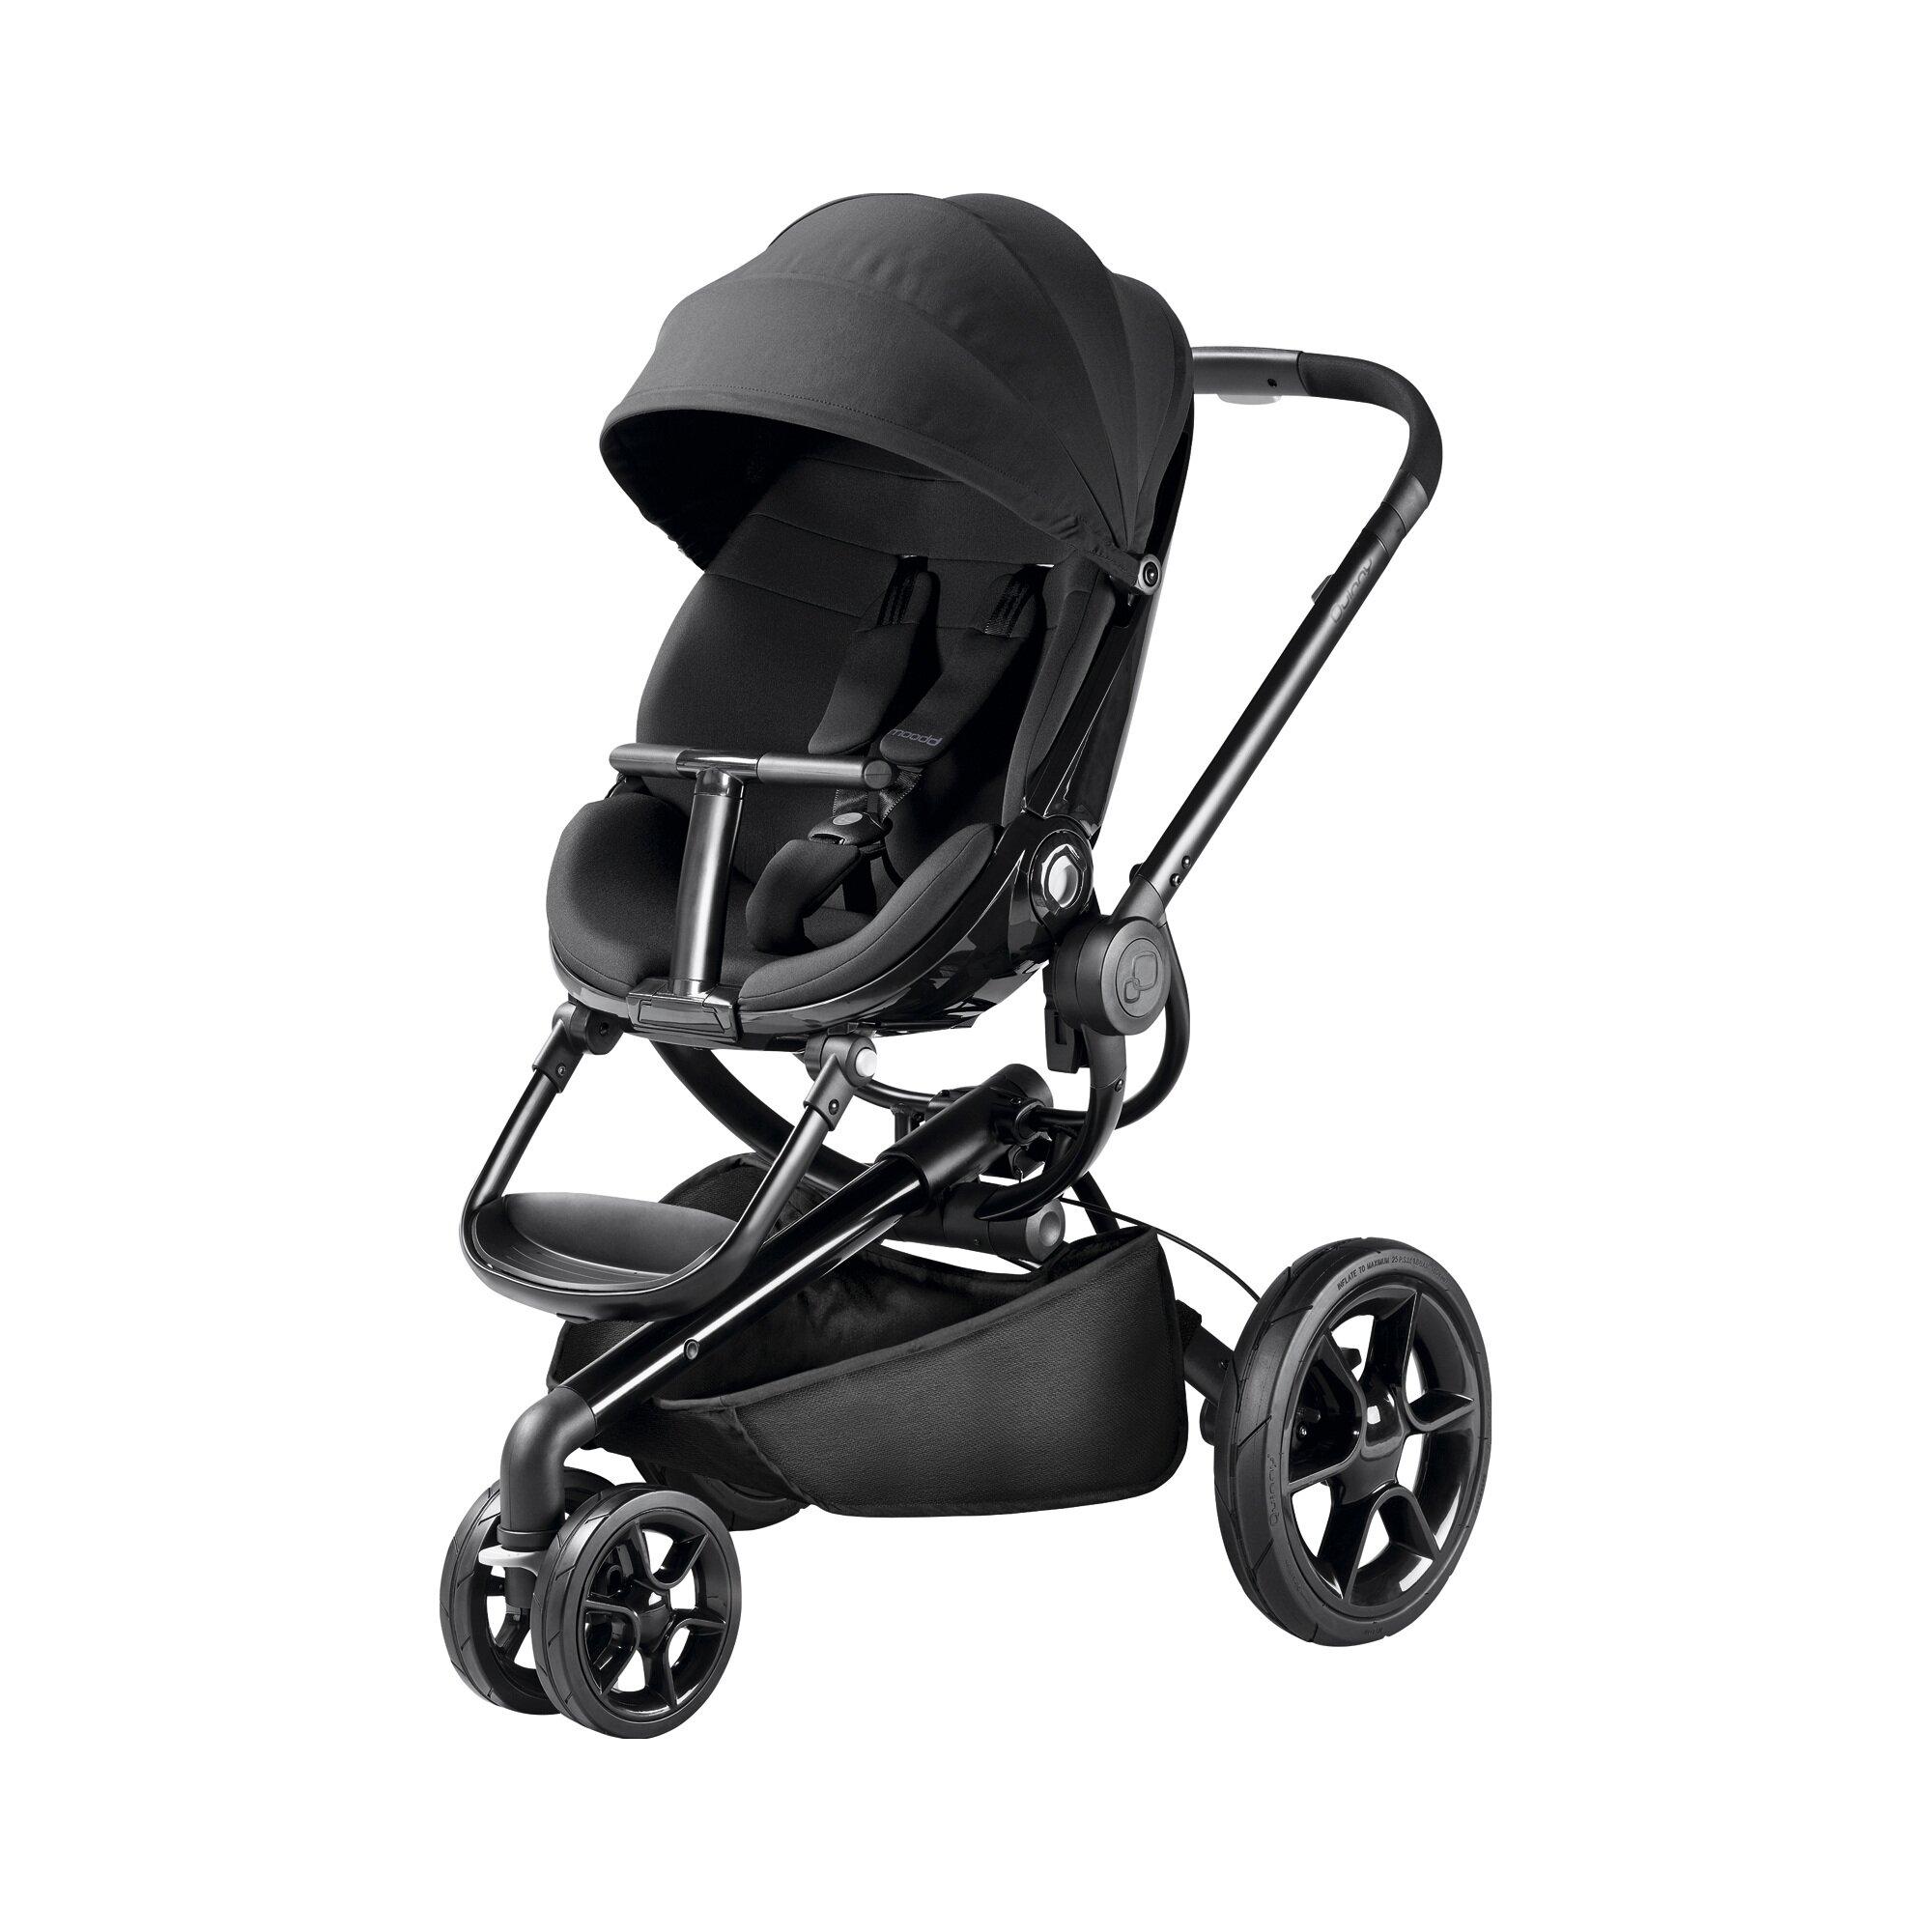 Quinny Kinderwagen Moodd schwarz